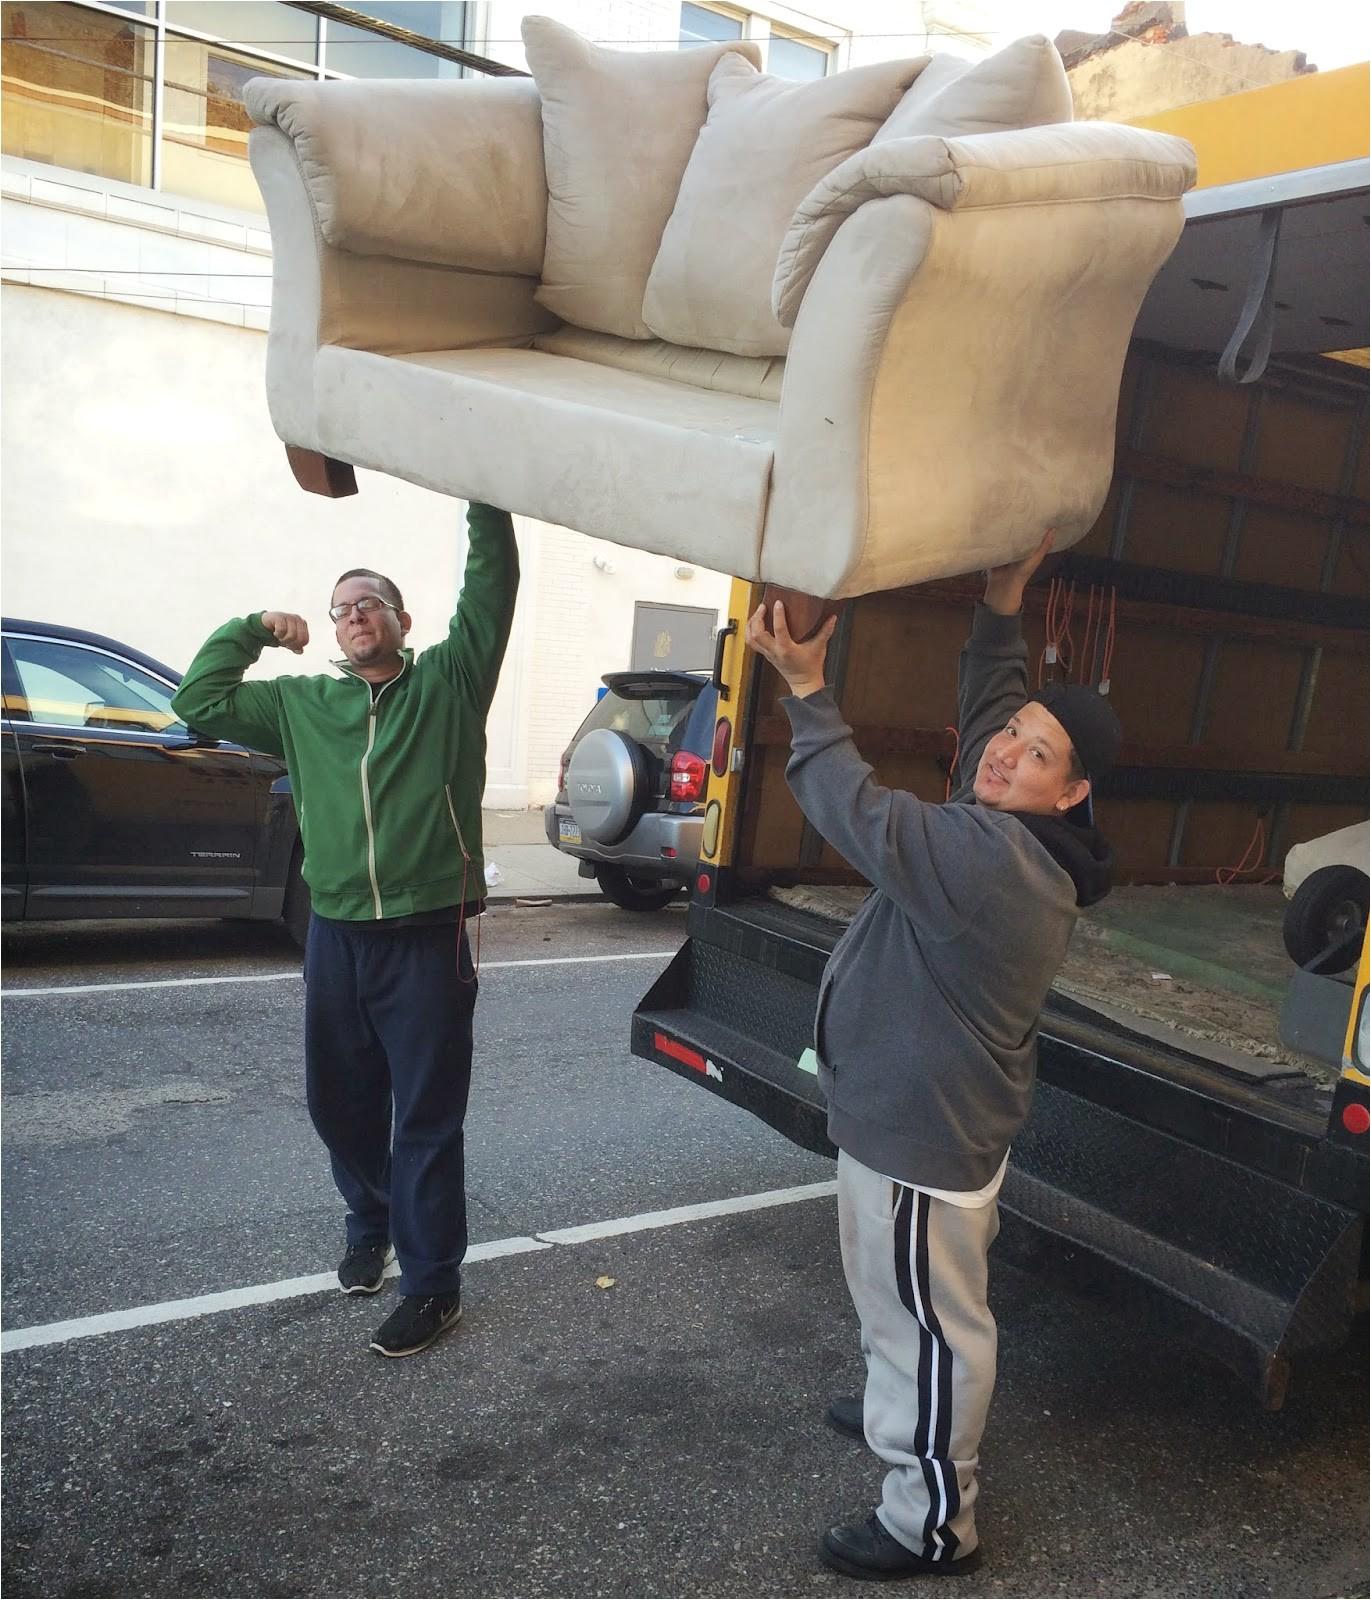 sofa trash pickup